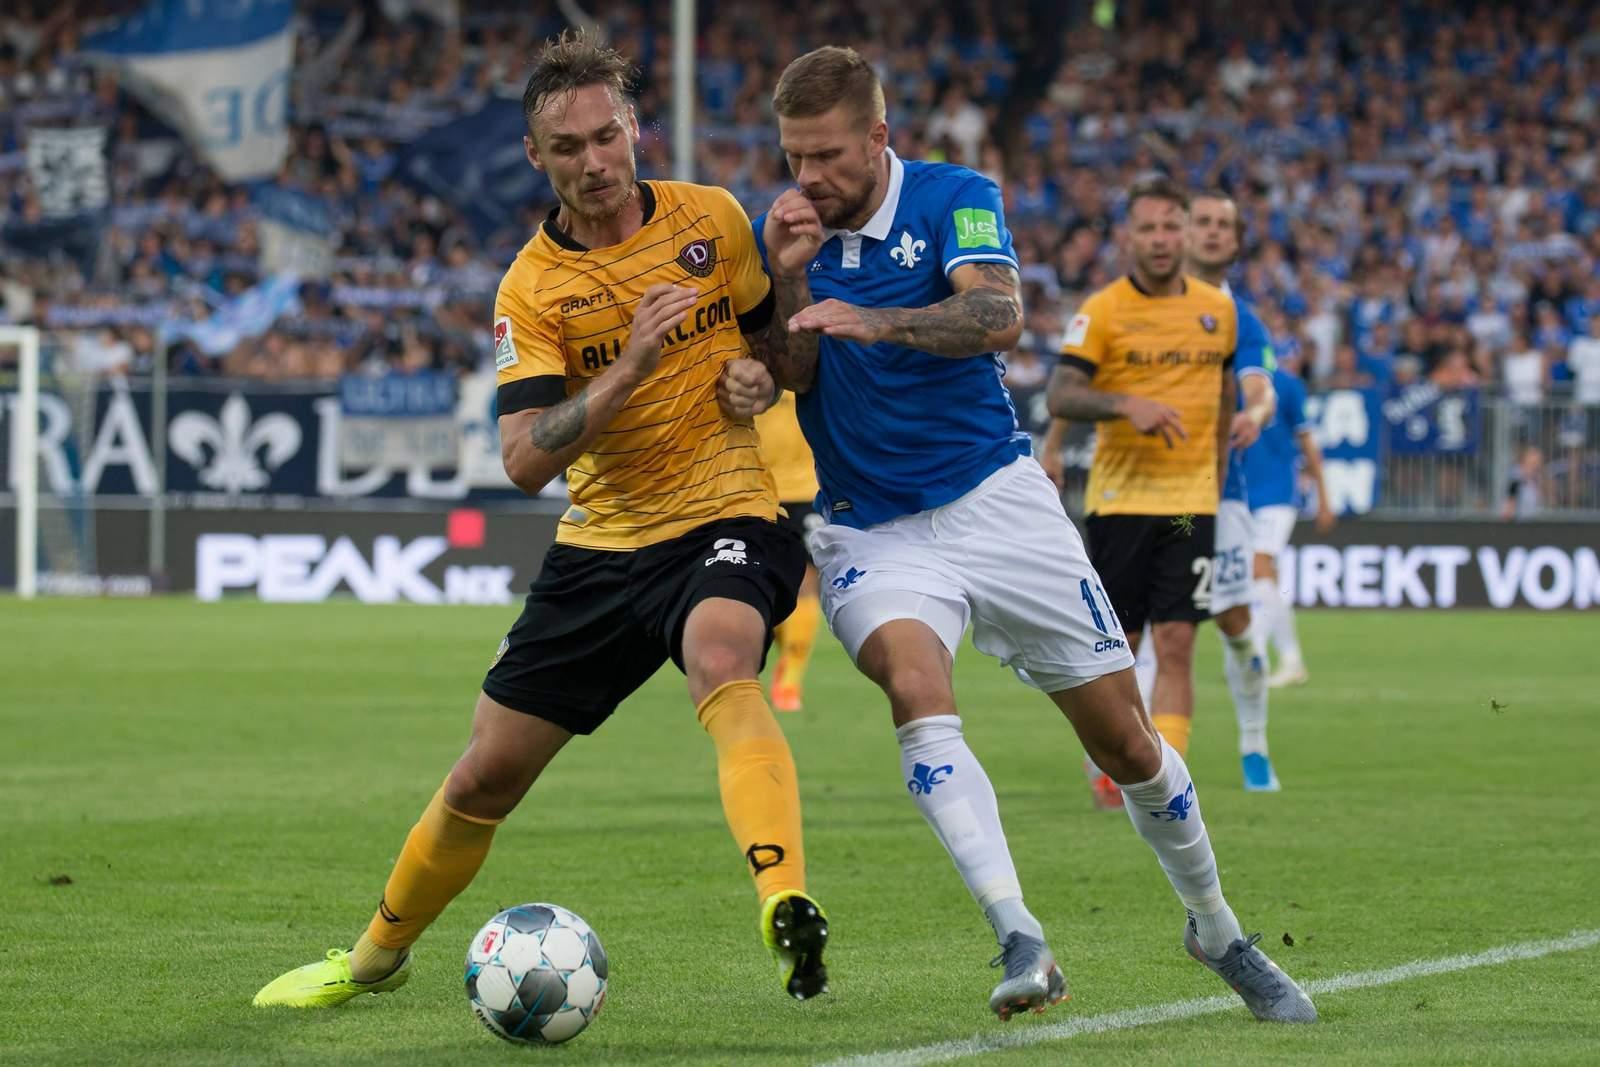 Linus Wahlquist von Dynamo Dresden gegen Tobias Kempe von Darmstadt